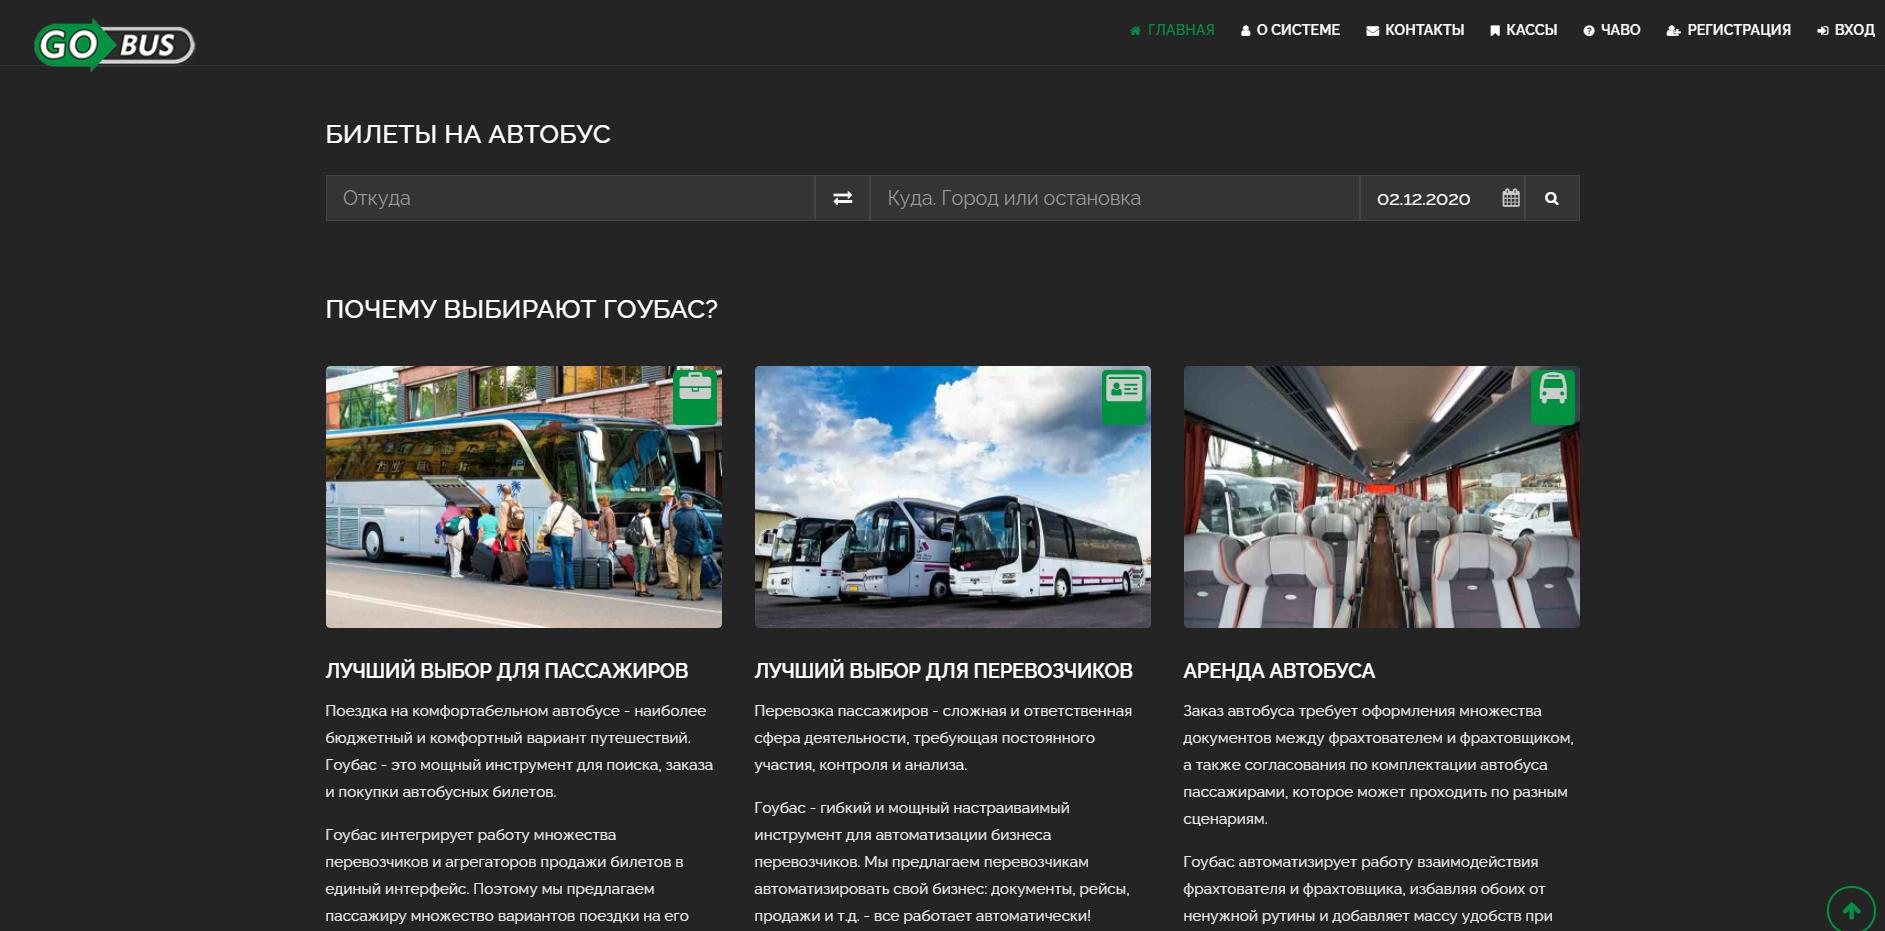 Онлайн поиск билетов для автобуса